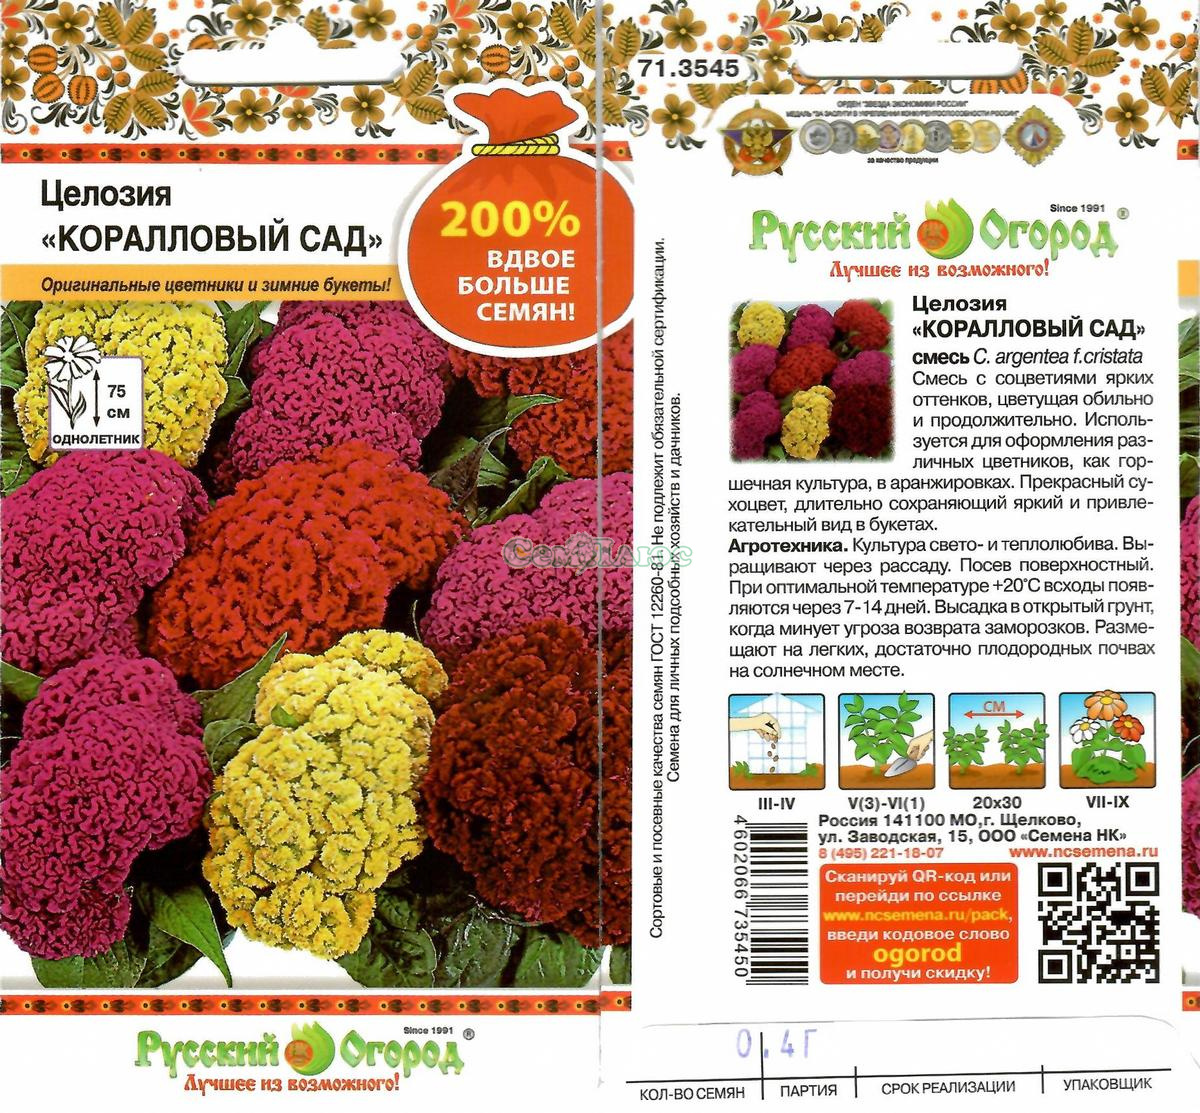 Цветы коралловый сад фото